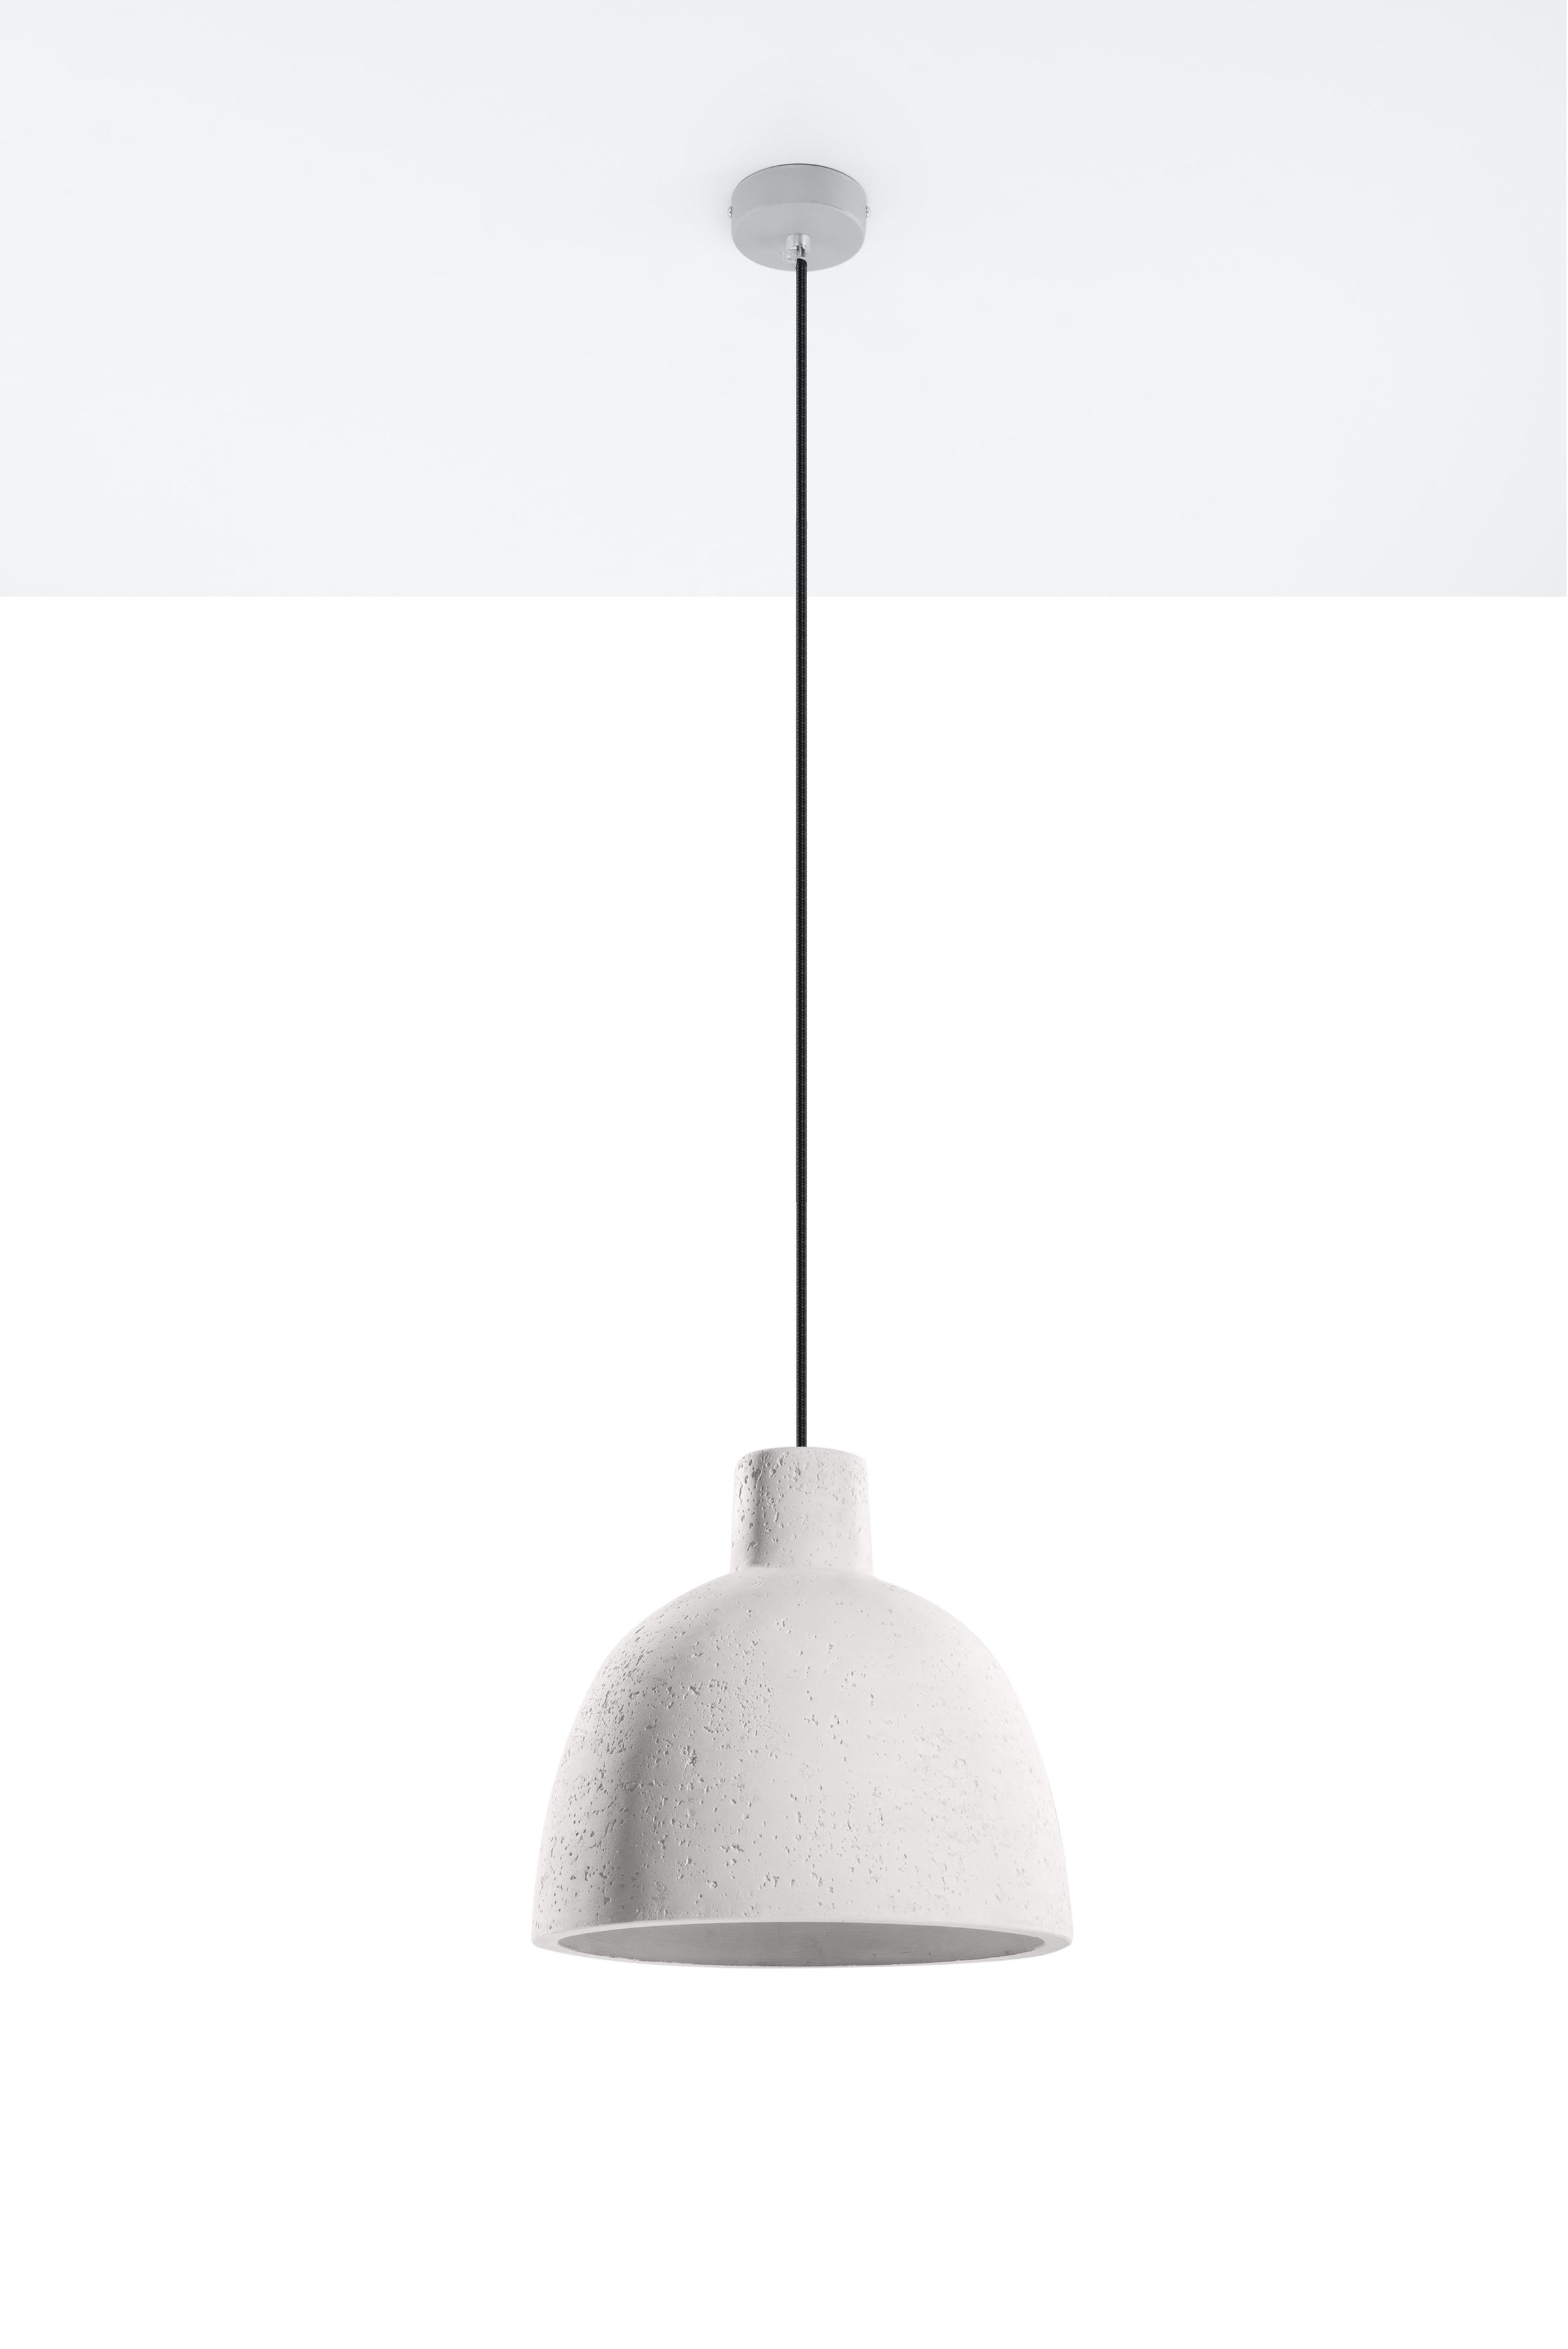 SOLLUX lighting Deckenleuchte Damaso, E27, 1 St., Deckenlampe